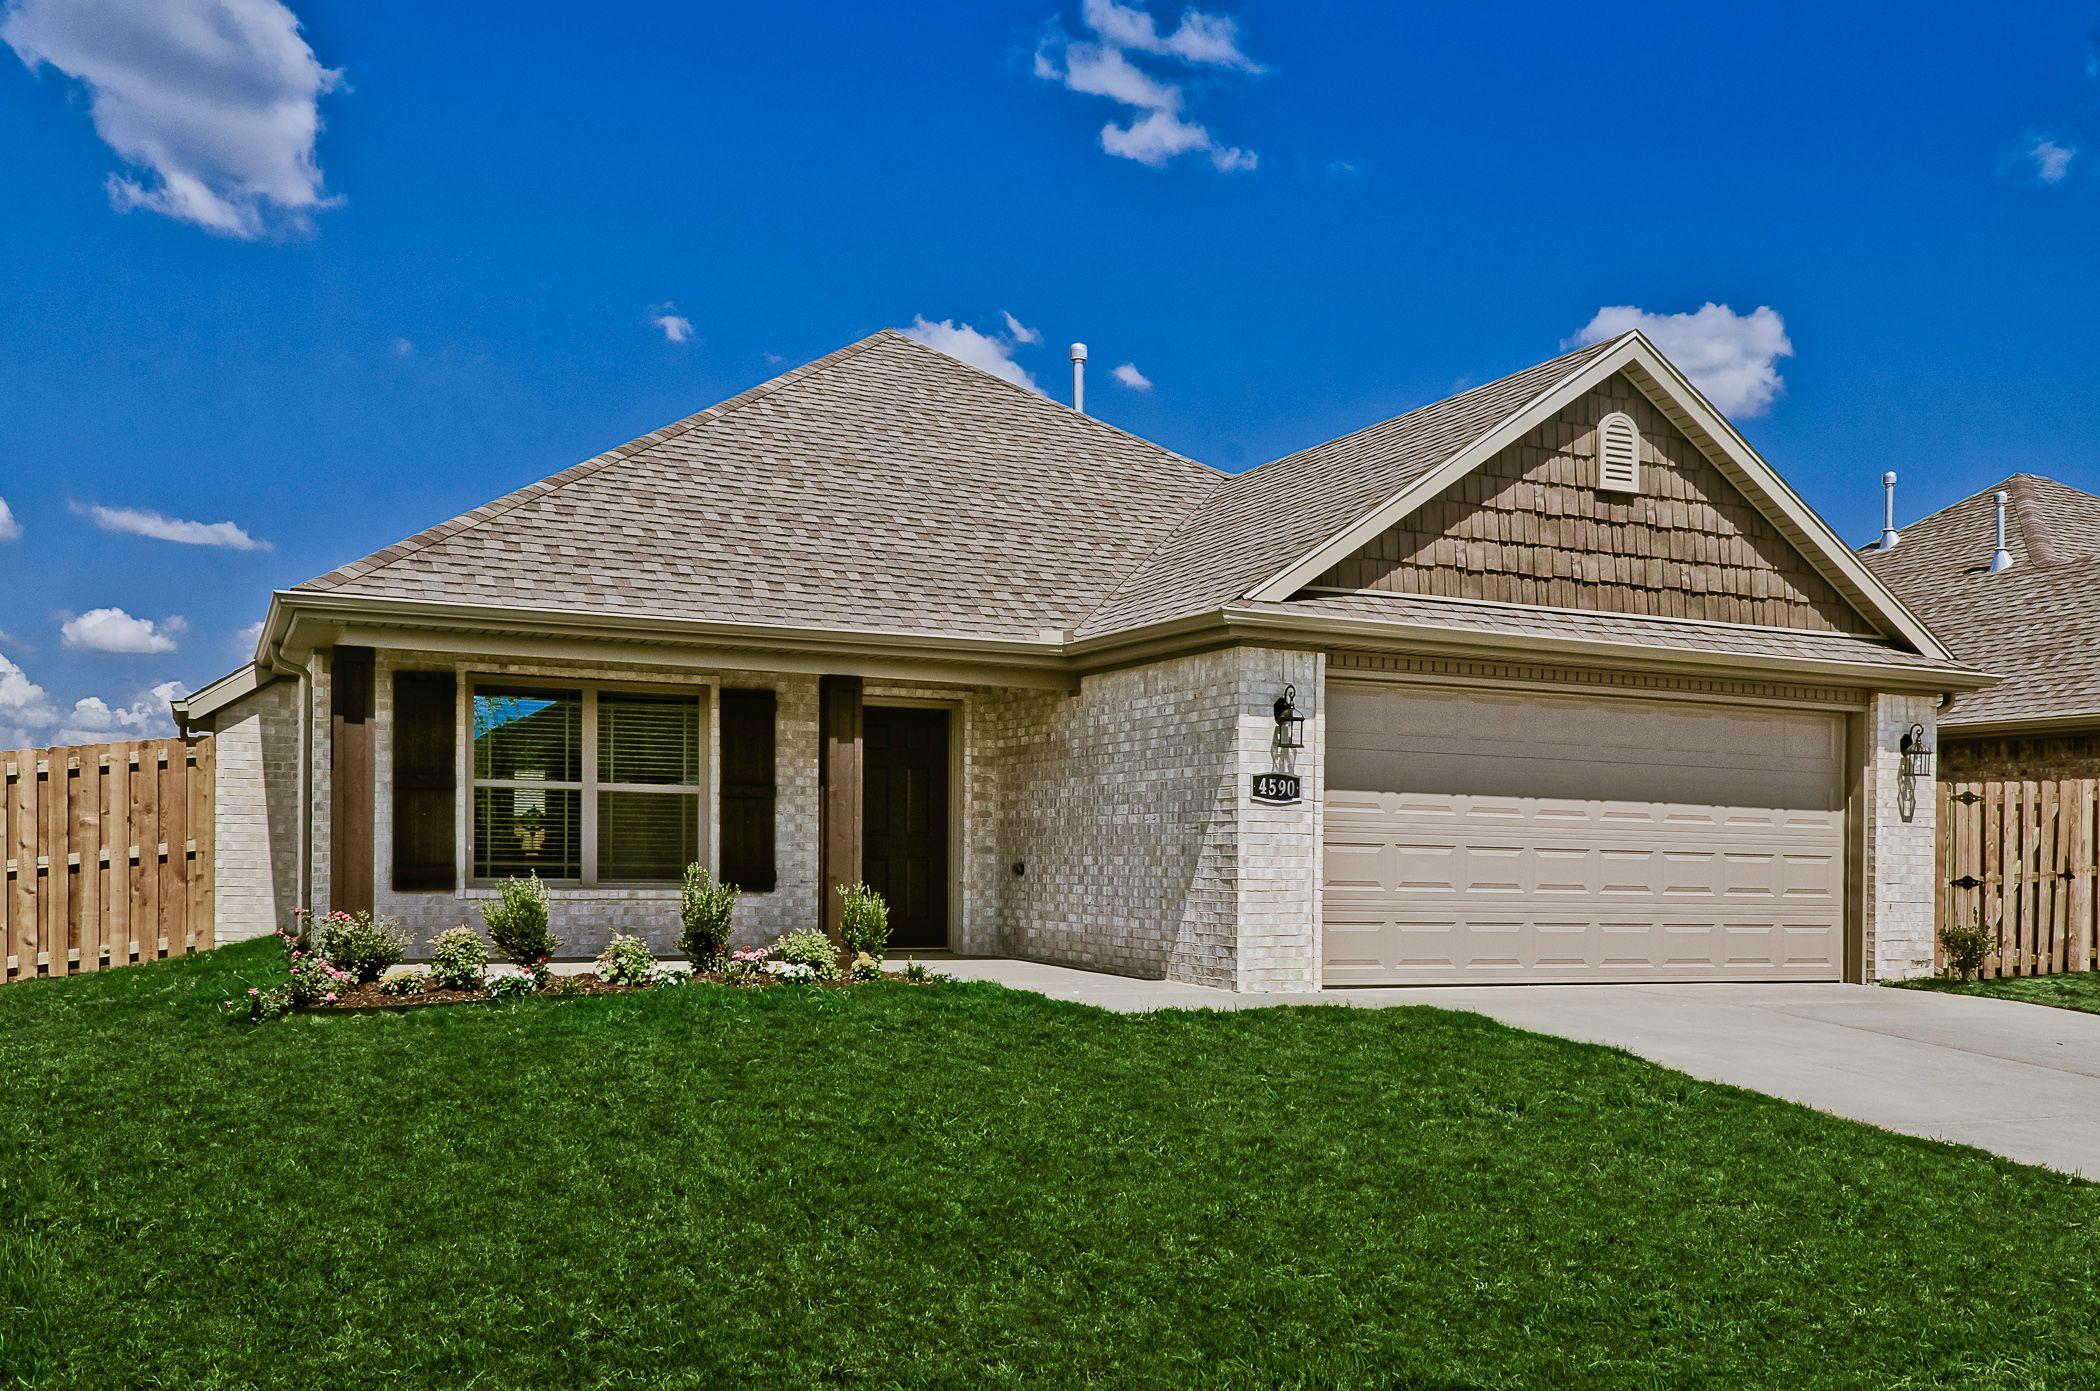 'Sloanbrooke' by Riverwood Homes in Fayetteville